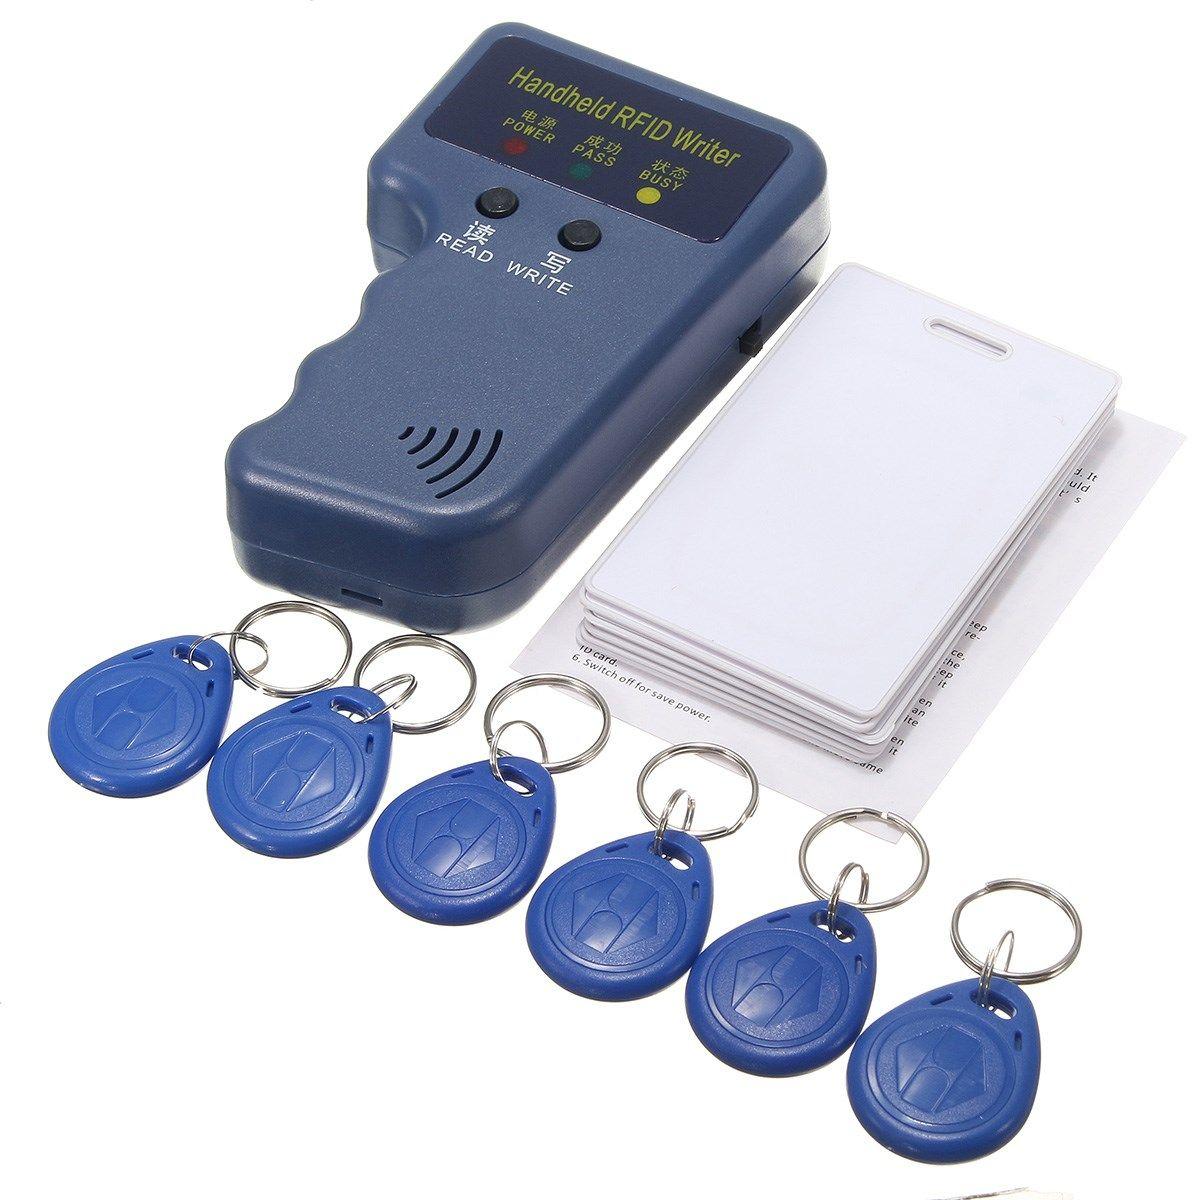 NUEVO 13 Unids 125 Khz Tarjeta de IDENTIFICACIÓN RFID Portátil Copiadora/Lector/Escritor Duplicadora Programmer6 Pcs Escribible Etiquetas + 6 Unids Tarjetas